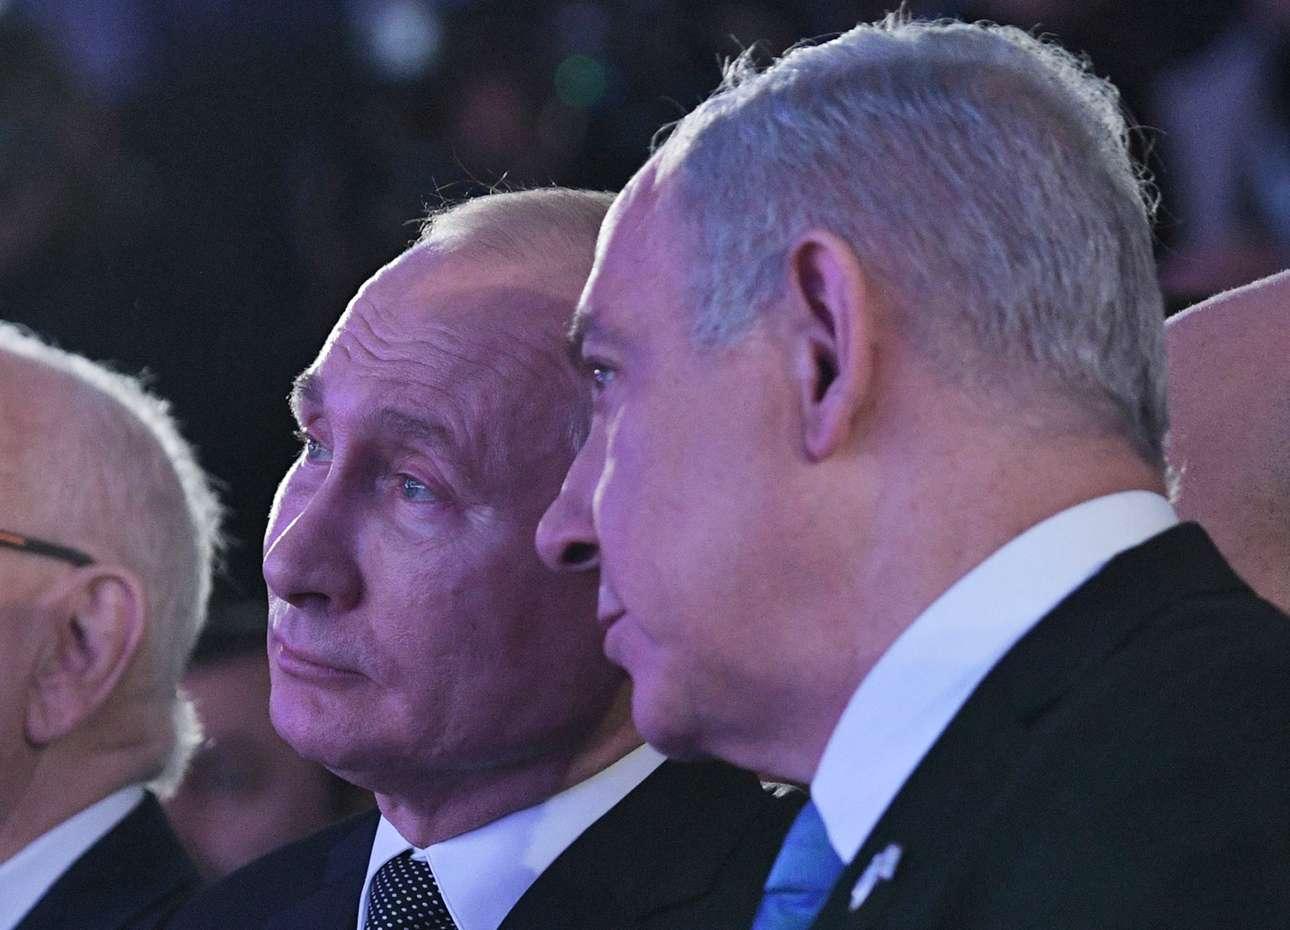 Ο ισραηλινός πρωθυπουργός Μπενιαμίν «Μπίμπι» Νετανιάχου (δεξιά) και ο ρώσος πρόεδρος Βλαντίμιρ Πούτιν παρακολουθούν εκδήλωση αφιερωμένη στα θύματα της πολιορκίας του Λένινγκραντ από τον γερμανικό στρατό στον Β'ΠΠ